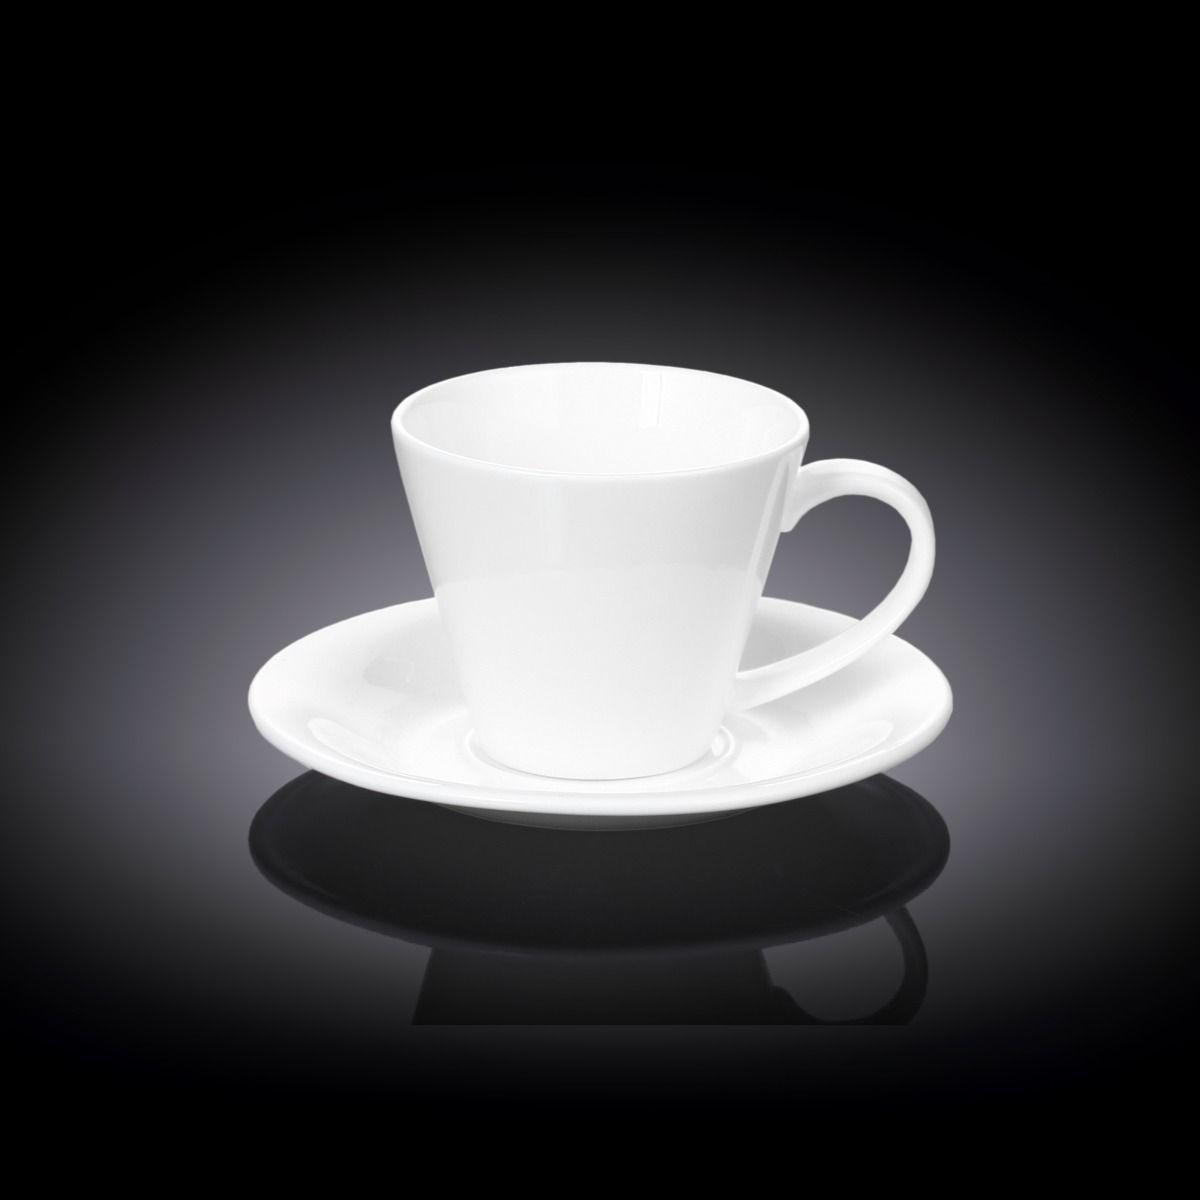 Чашка чайная Wilmax 180 мл с блюдцем